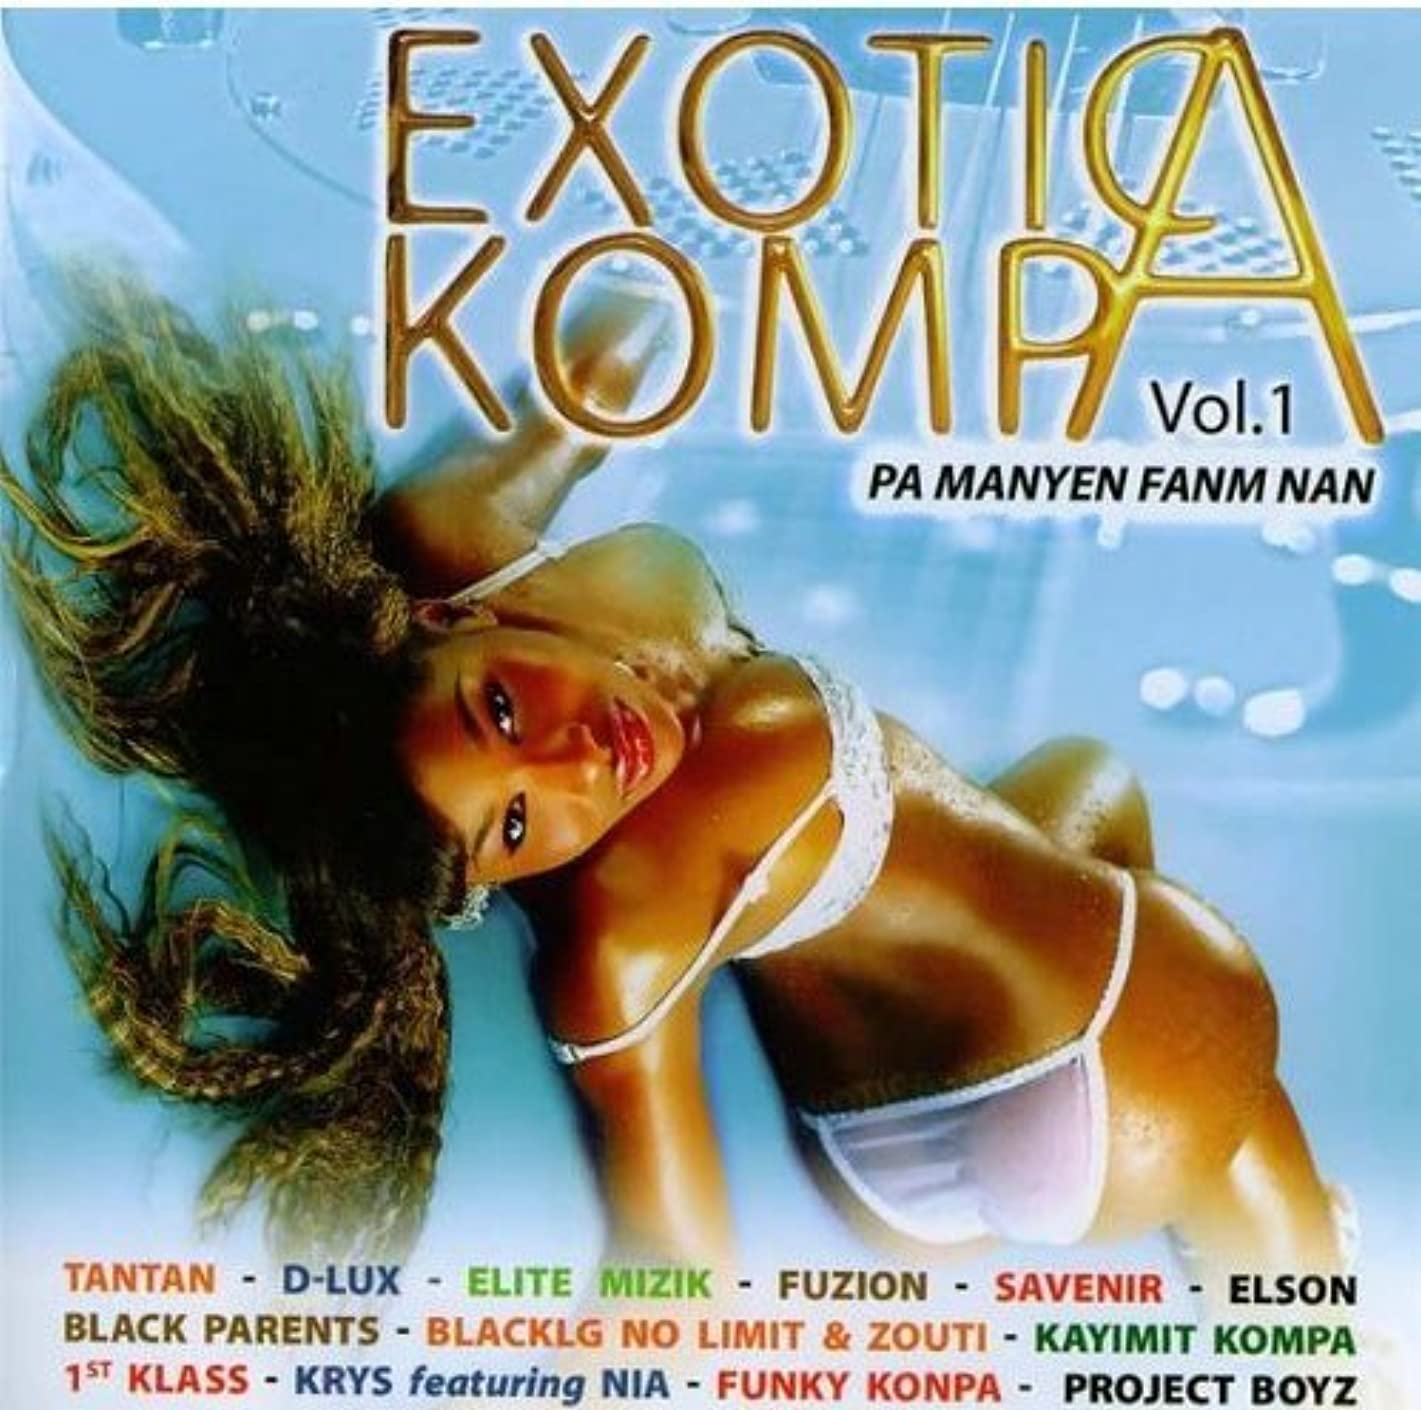 Vol. 1-Exotica Kompa